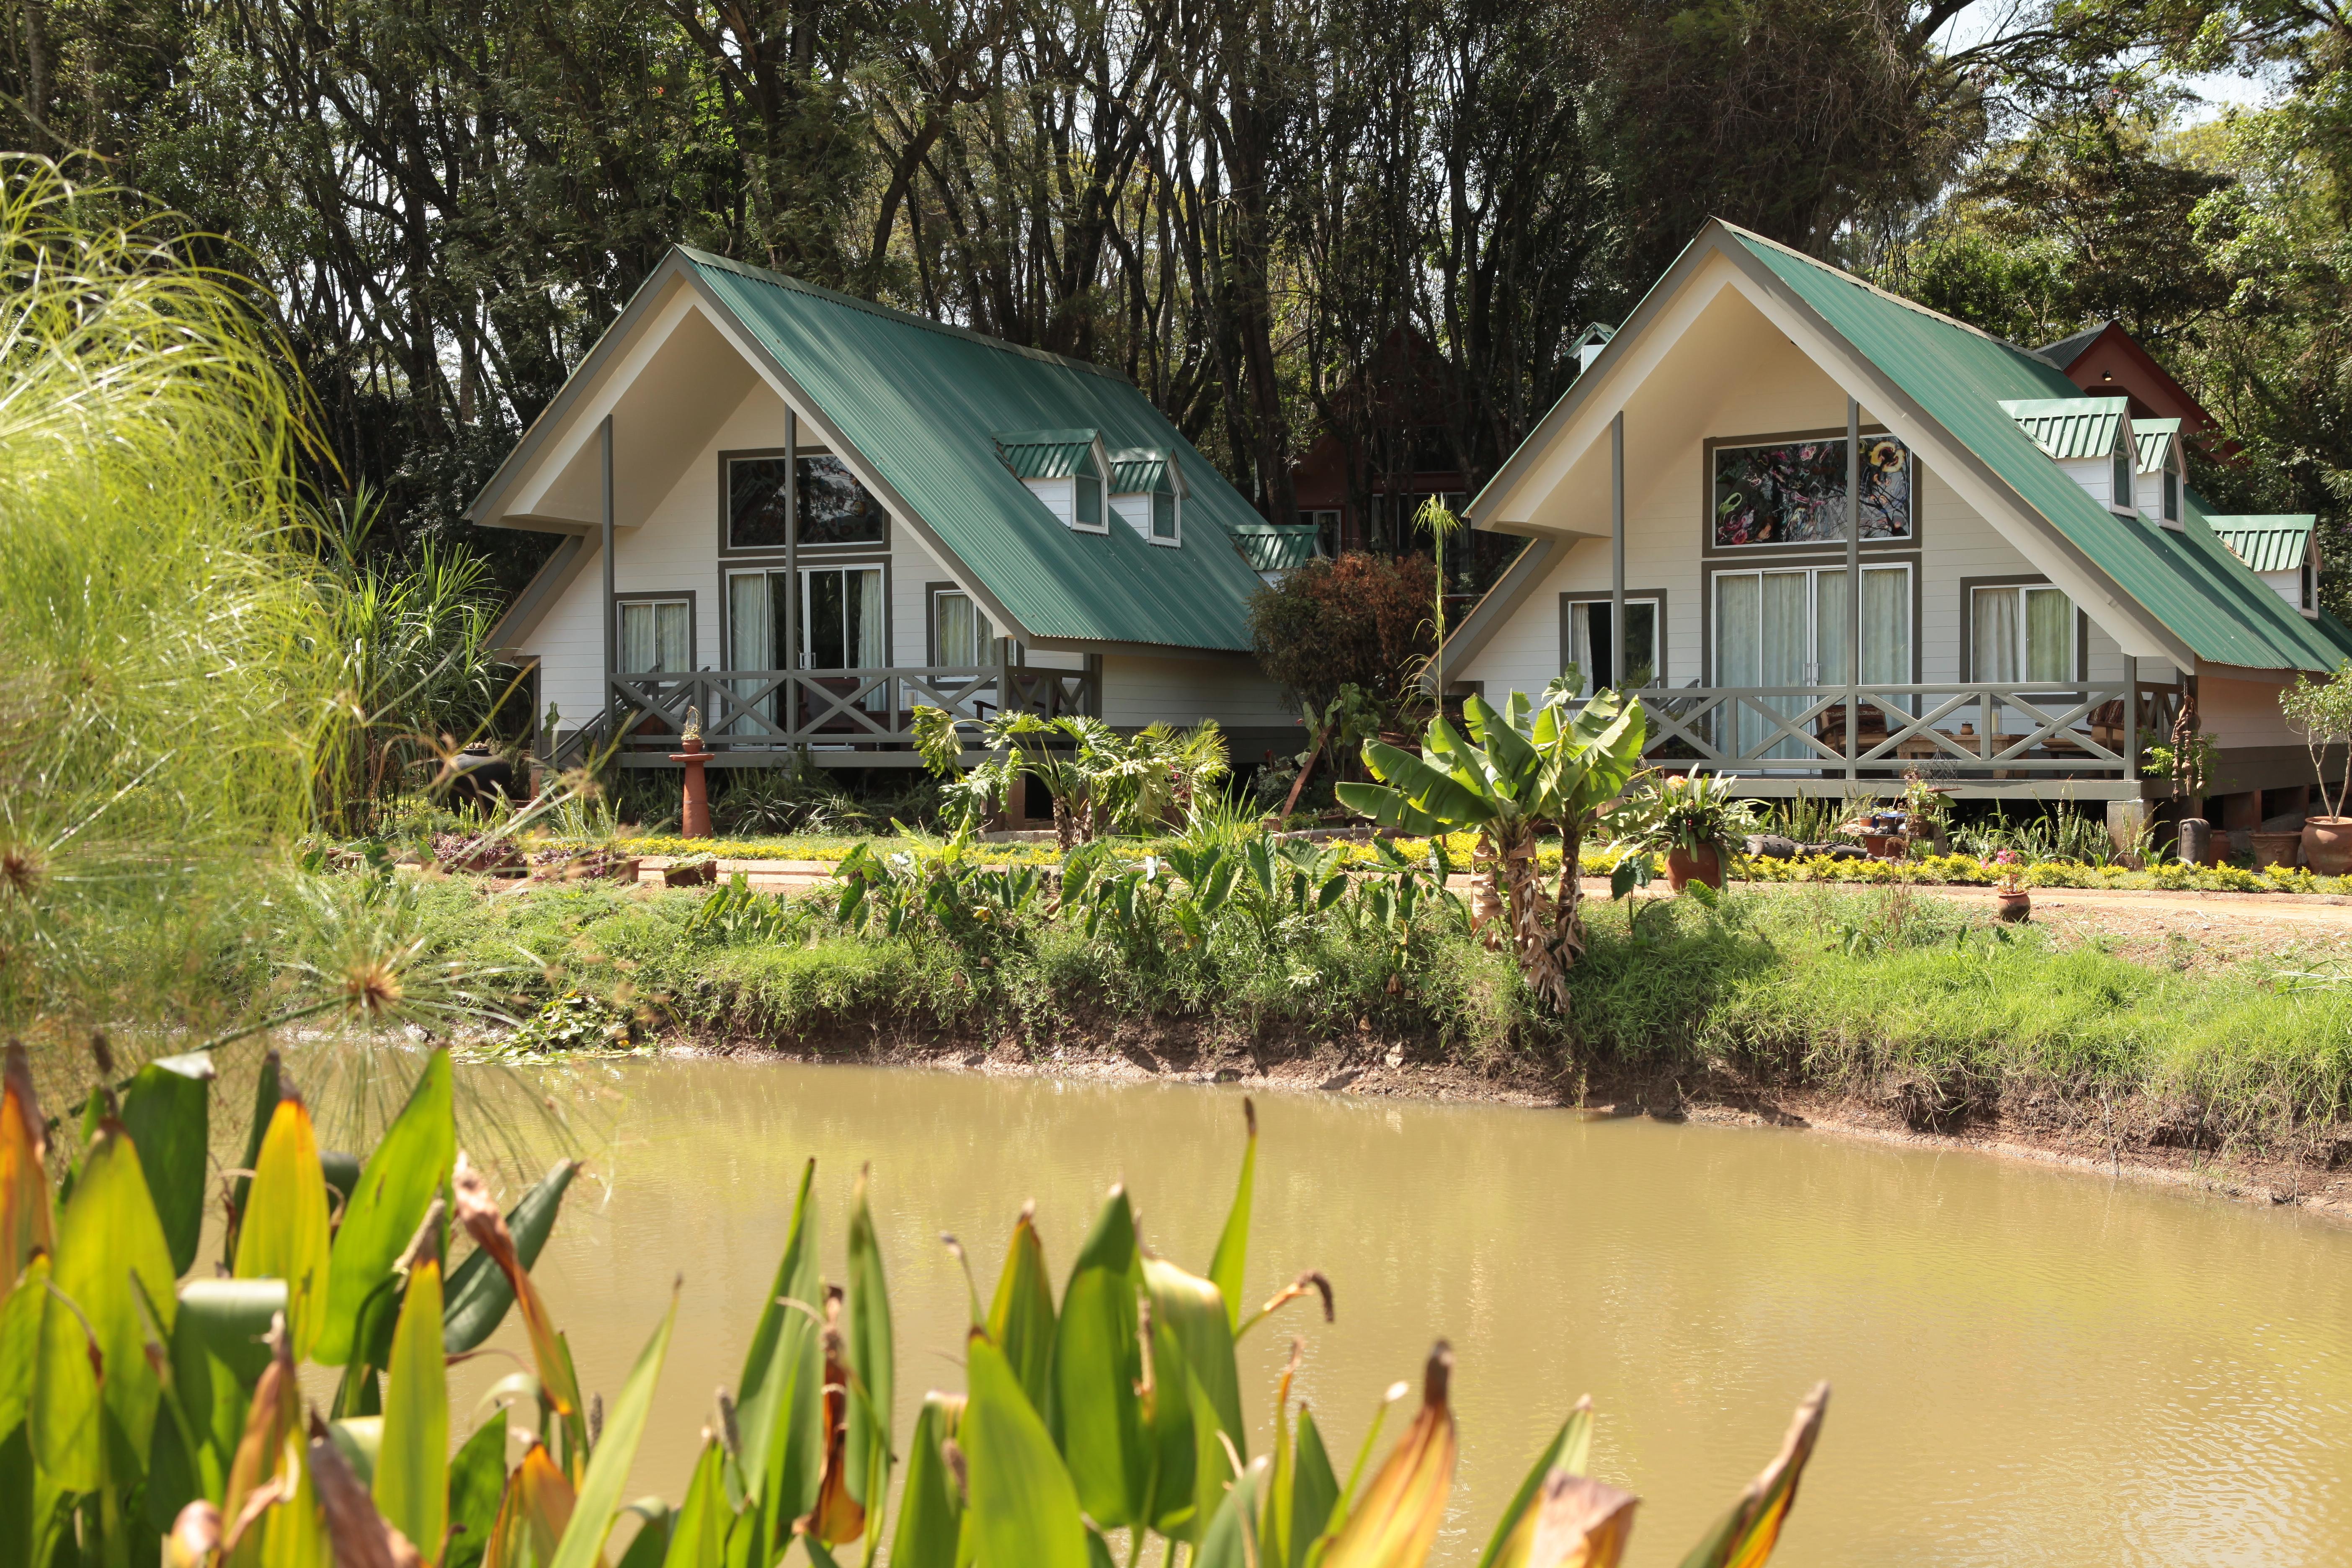 Karen Country Lodge website/brochure